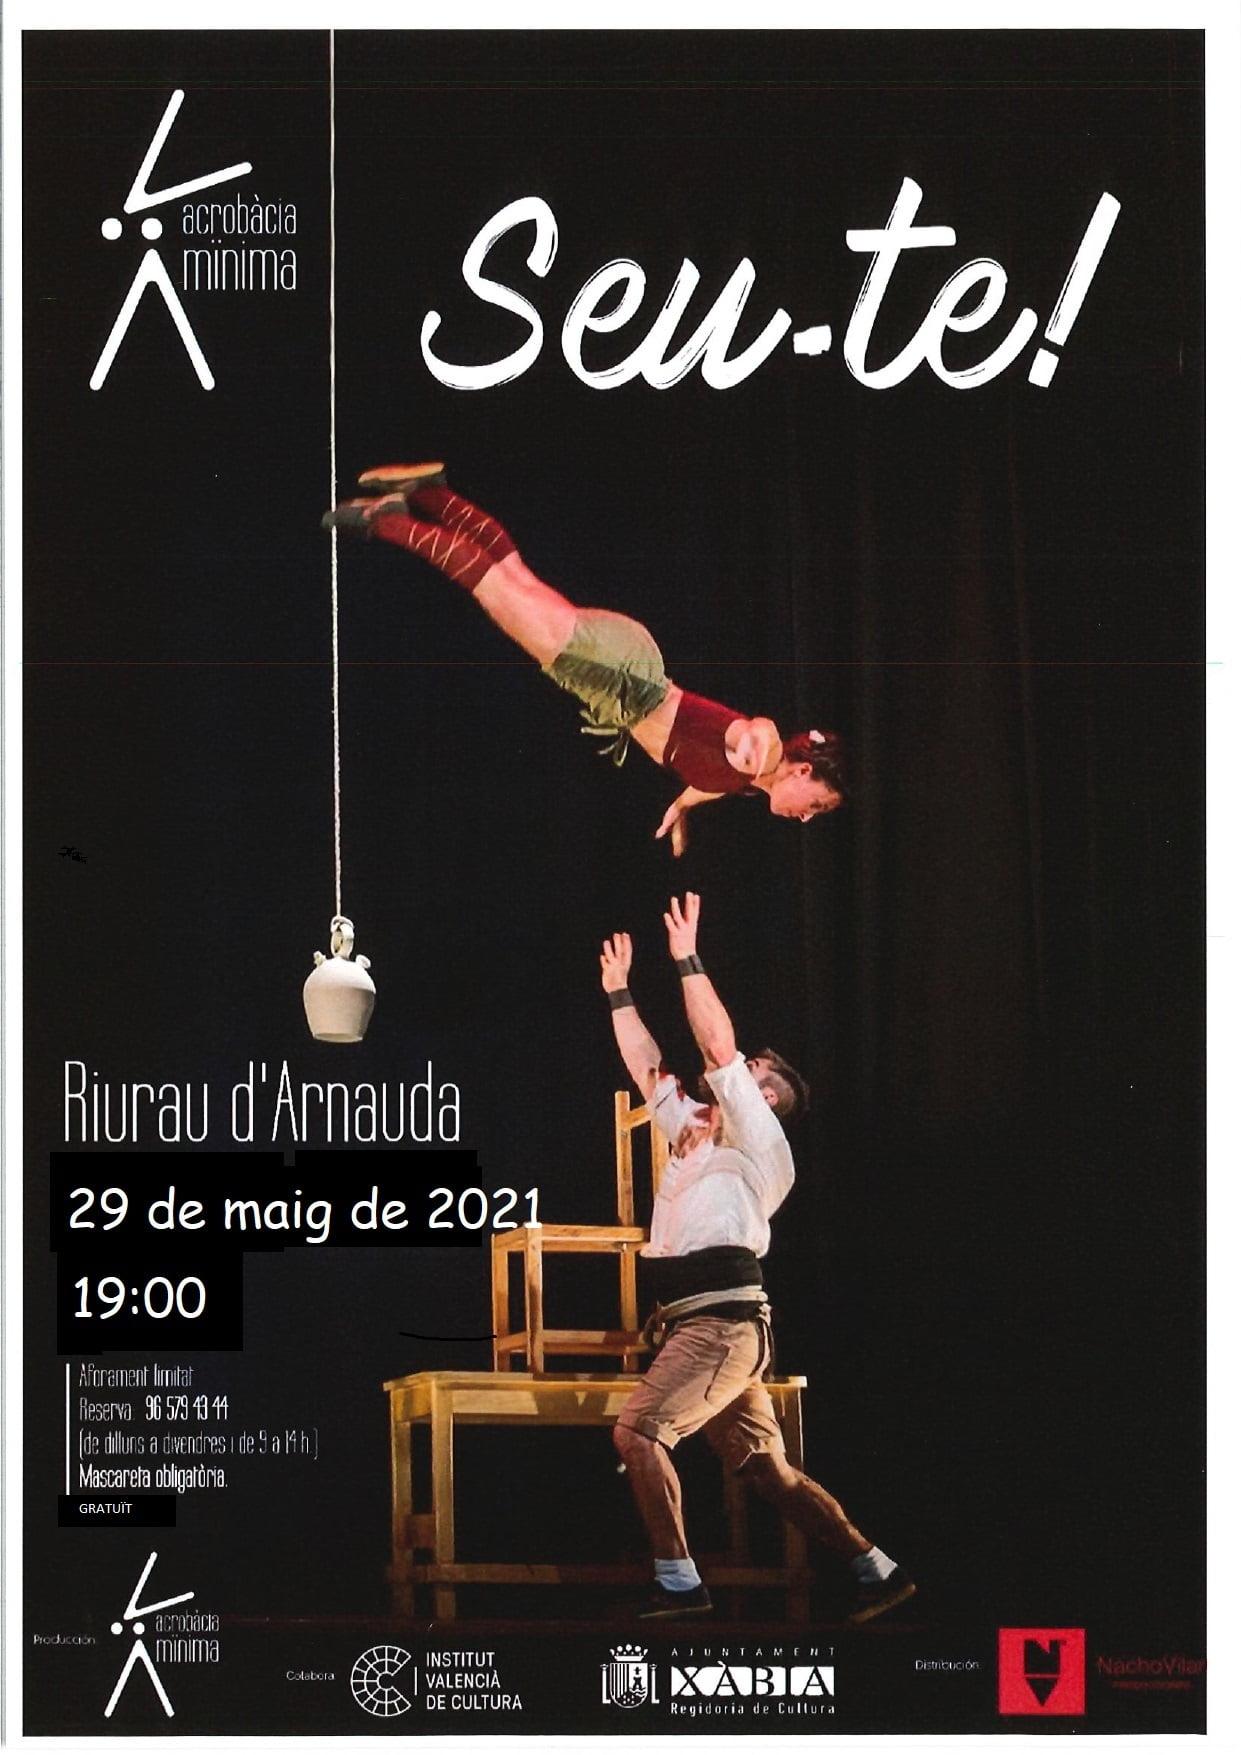 Cartel del espectáculo 'Seu-te!'